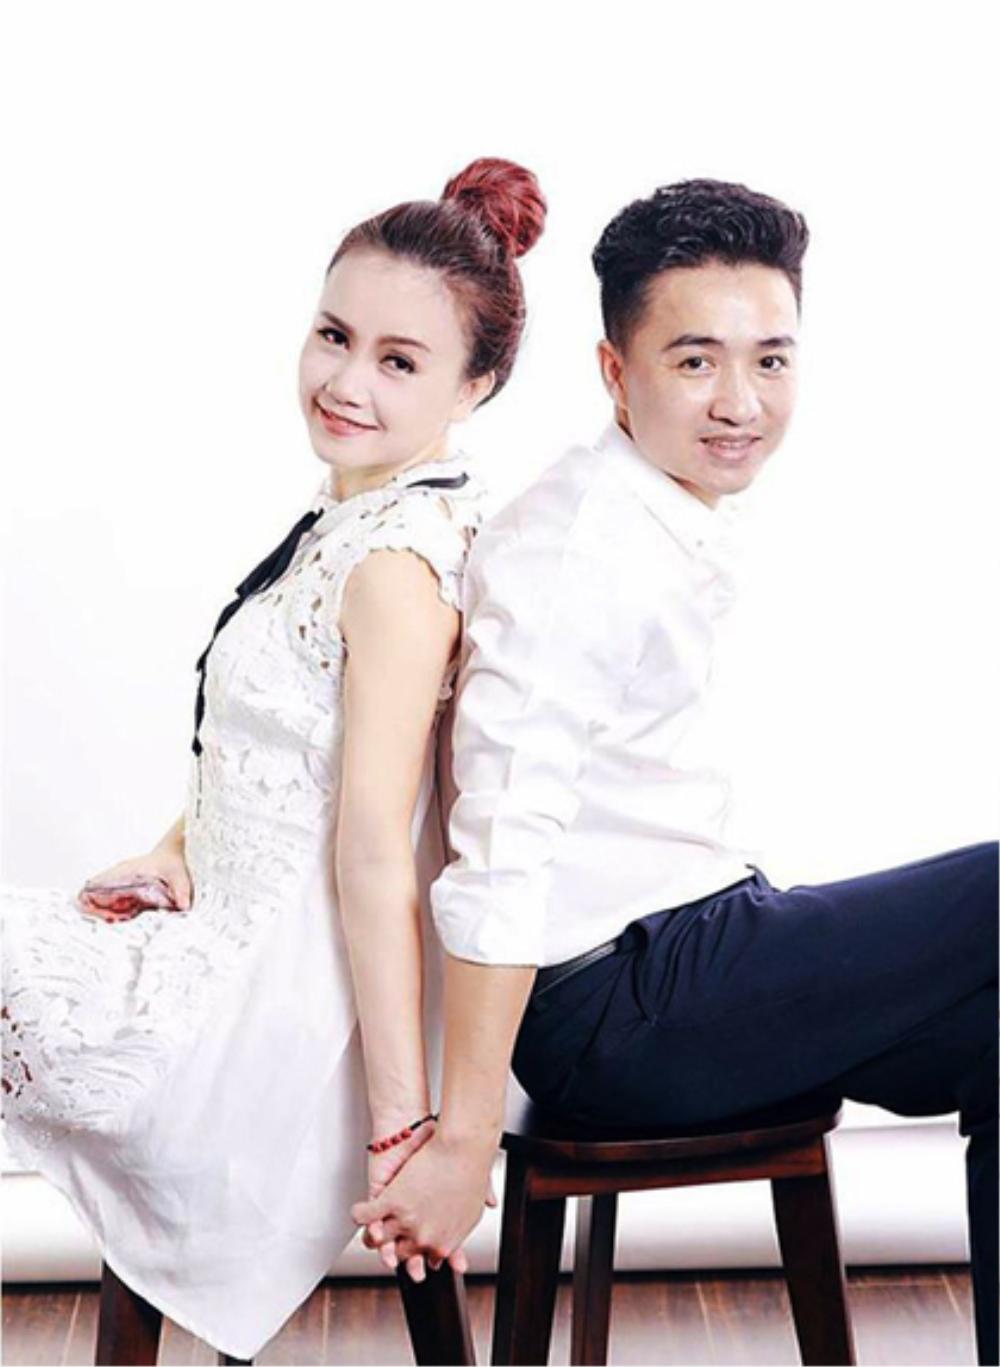 Diễn viên Hoàng Yến ly hôn lần 4: Bị chồng cũ tố ngoại tình cùng trai trẻ Ảnh 3